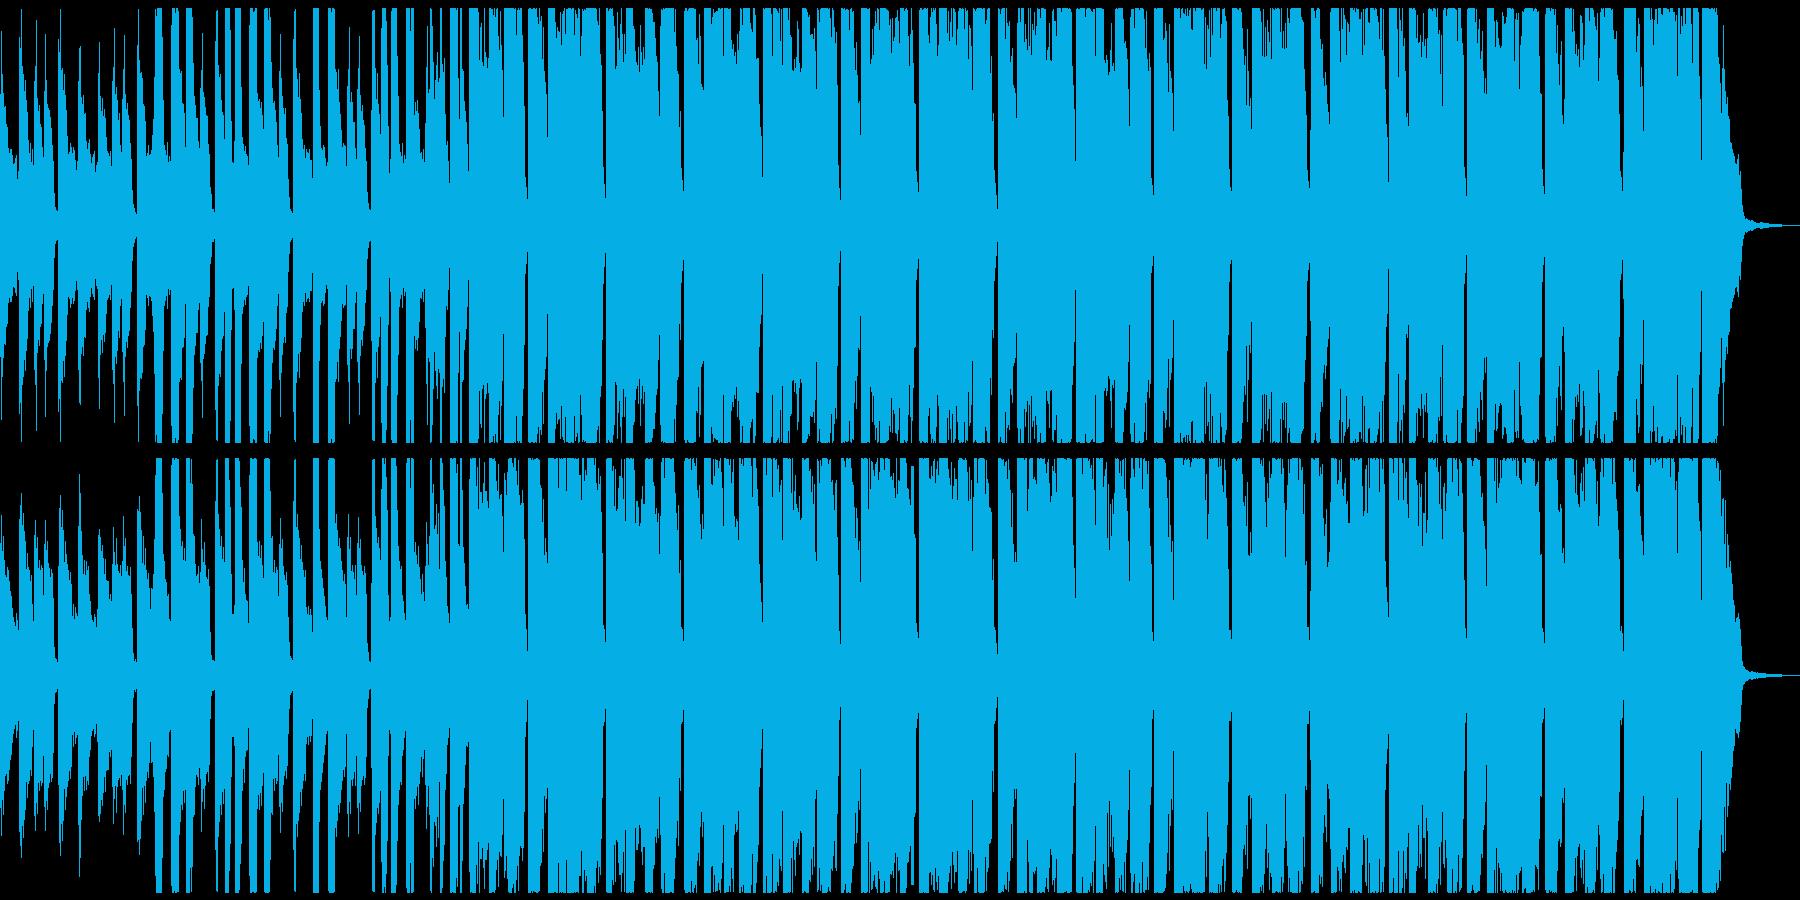 ピアノ、ギター、掛け声のハッピーソング!の再生済みの波形